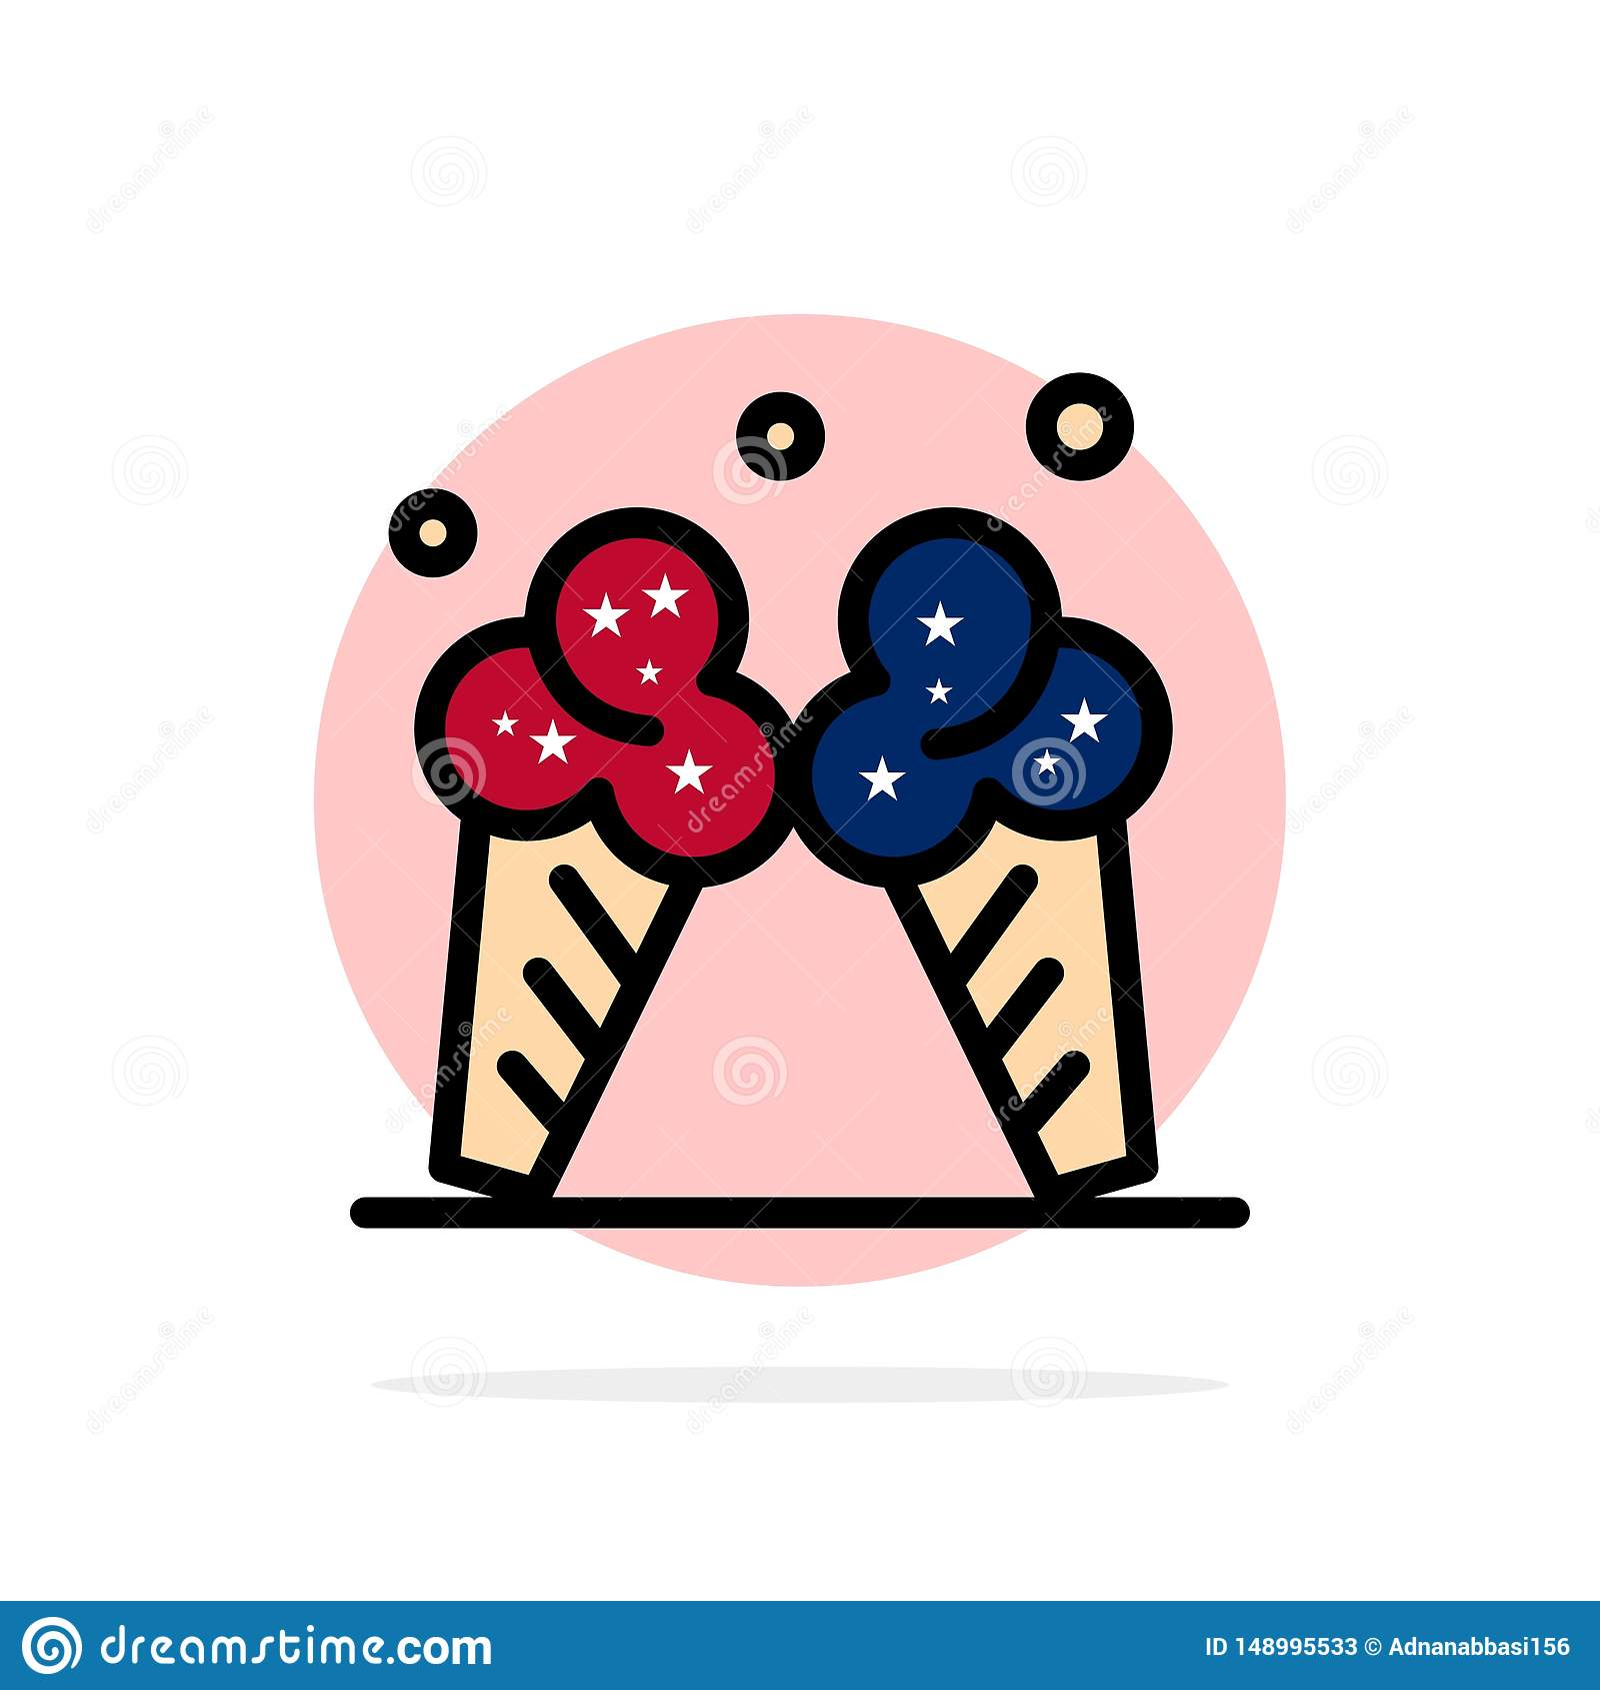 Παγωτό, πάγος, κρέμα, αμερικανικό αφηρημένο κύκλων εικονίδιο χρώματος υποβάθρου επίπεδο